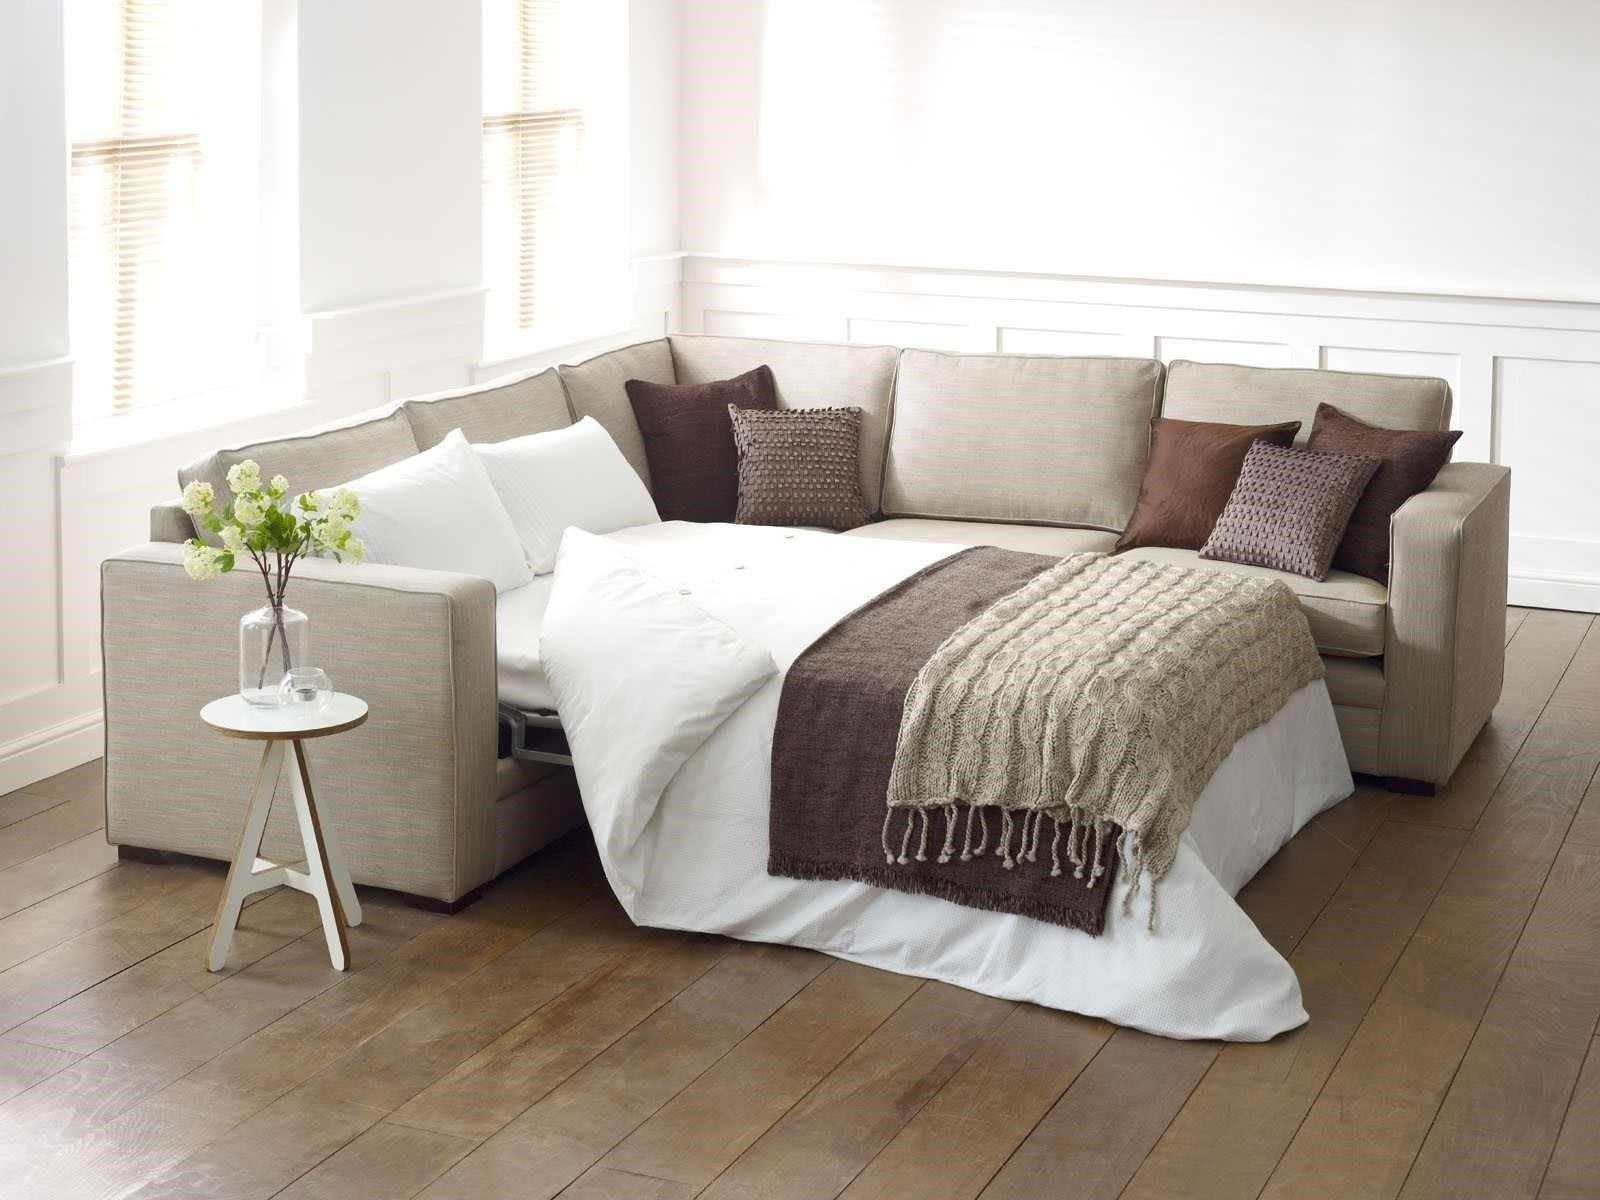 Family/Living Room - OldTown Furniture & Furniture Depot